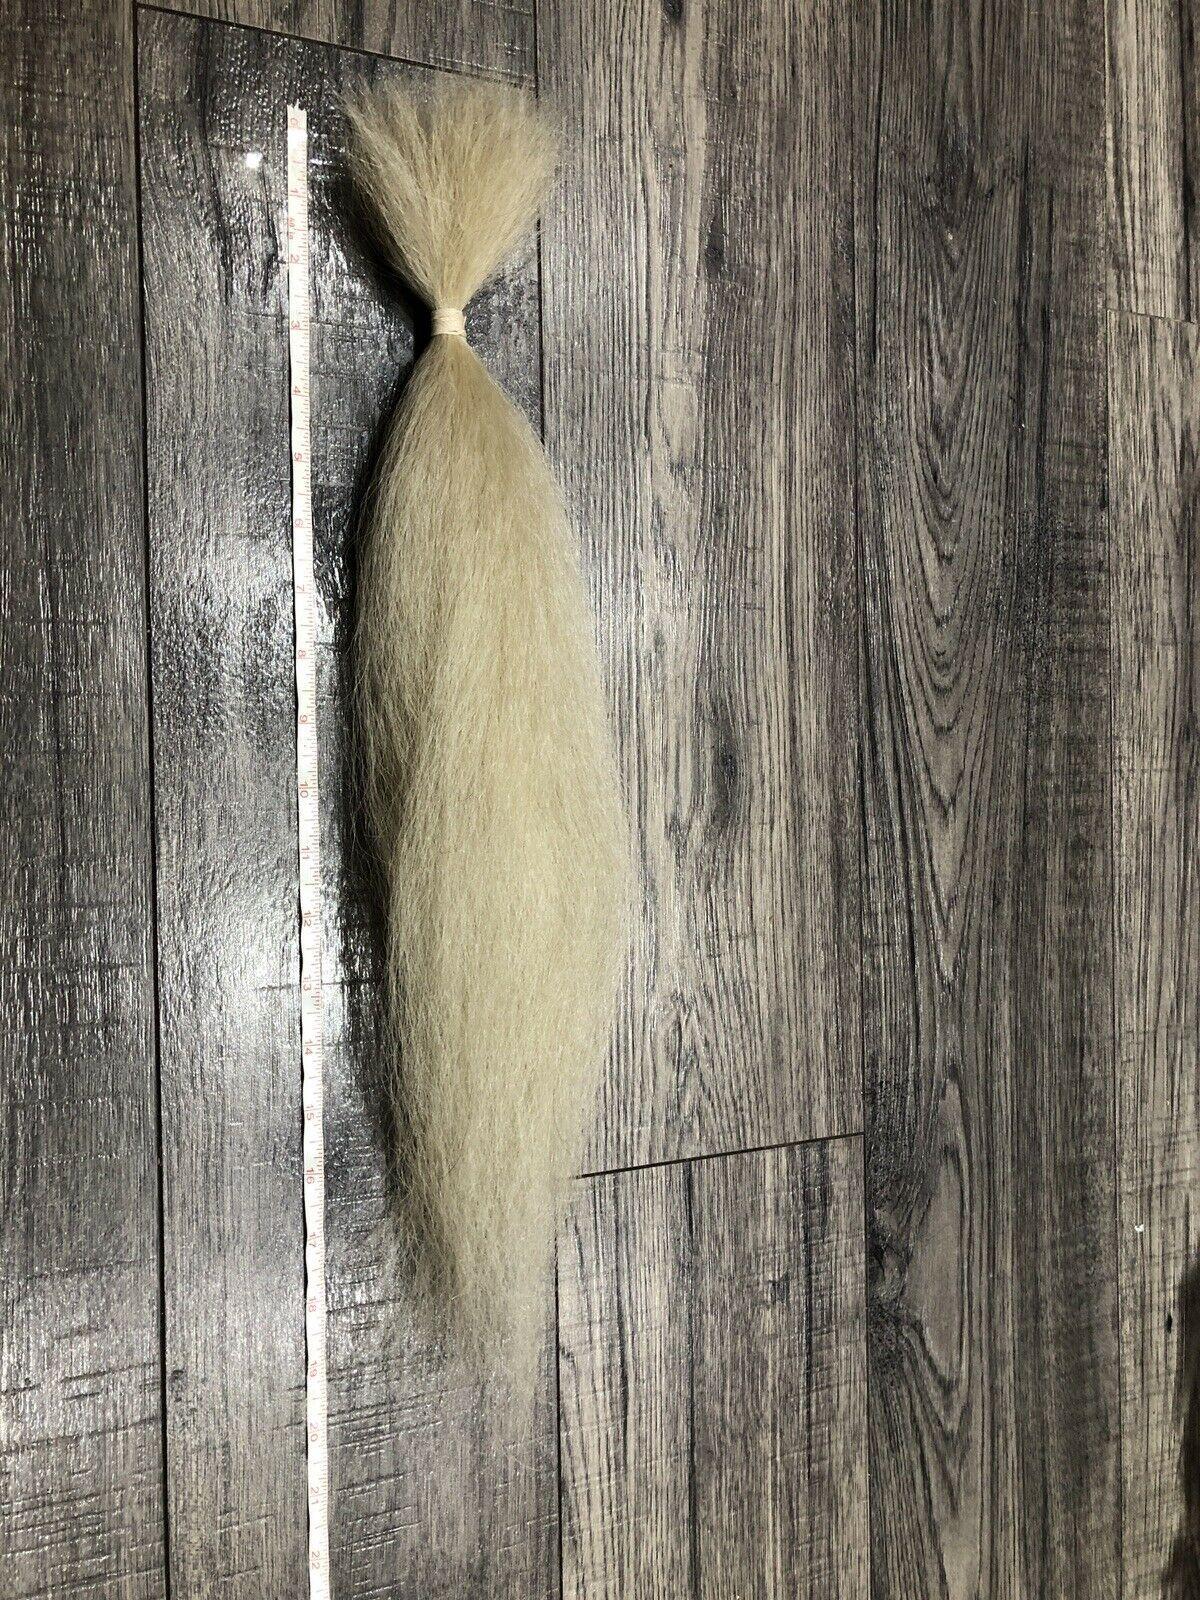 ヤクの毛 白 45.5cm(18 inch)